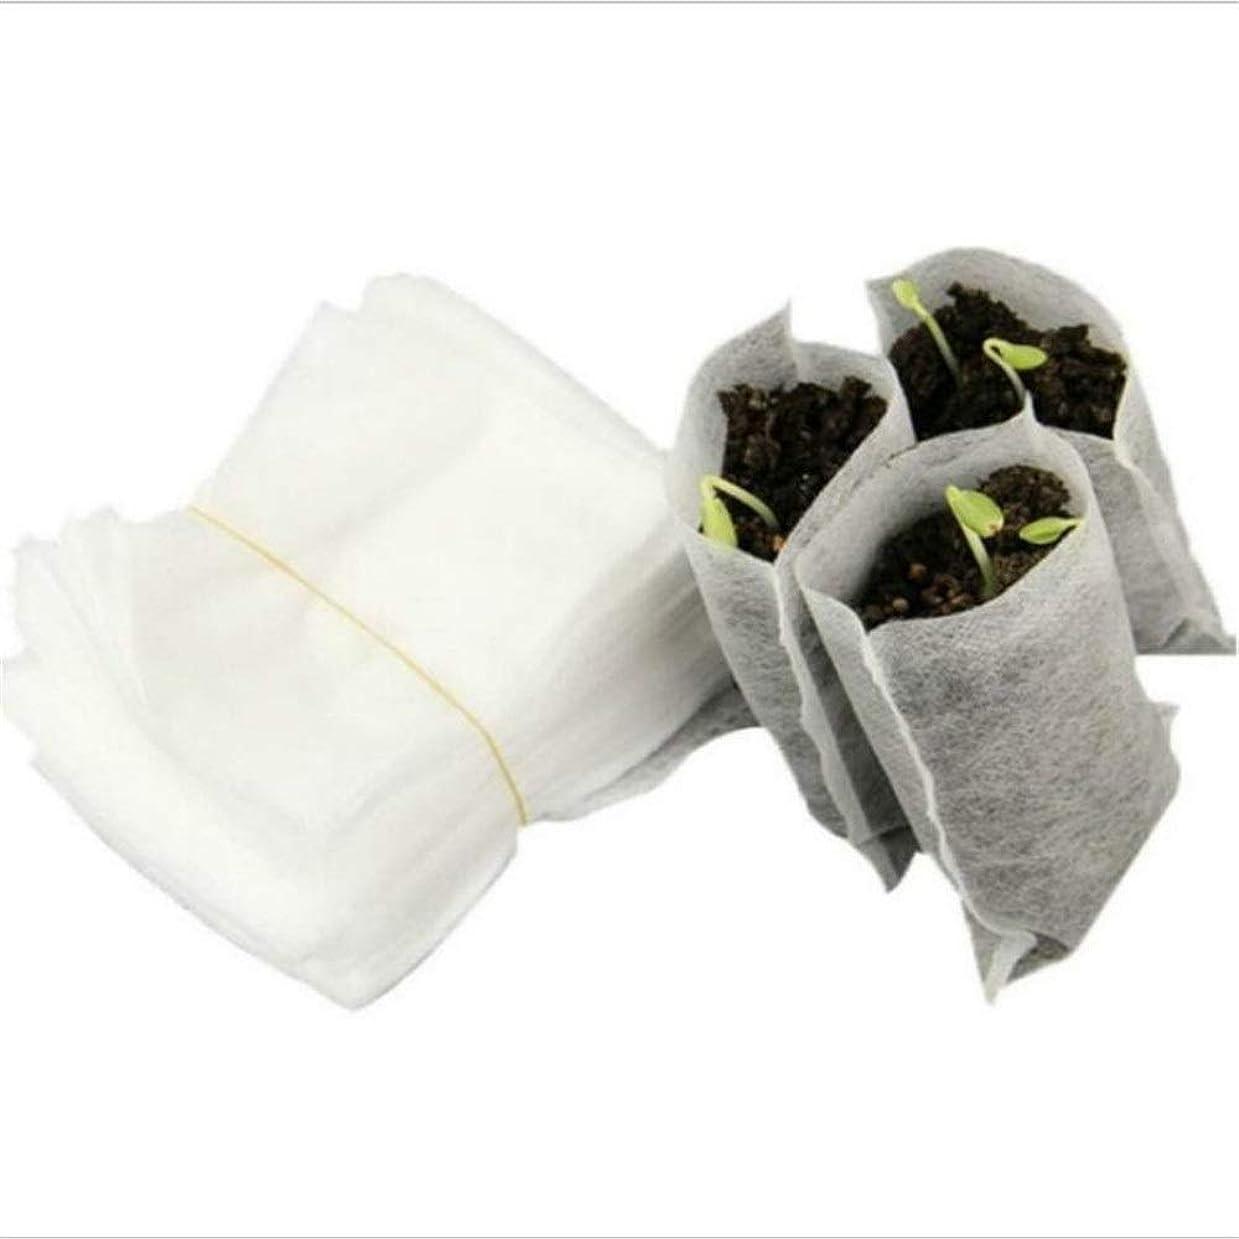 市民権教師の日名前を作るLVESHOP 100ピース不織布保育園バッグ植物成長バッグ生地苗ポット植物ポーチ